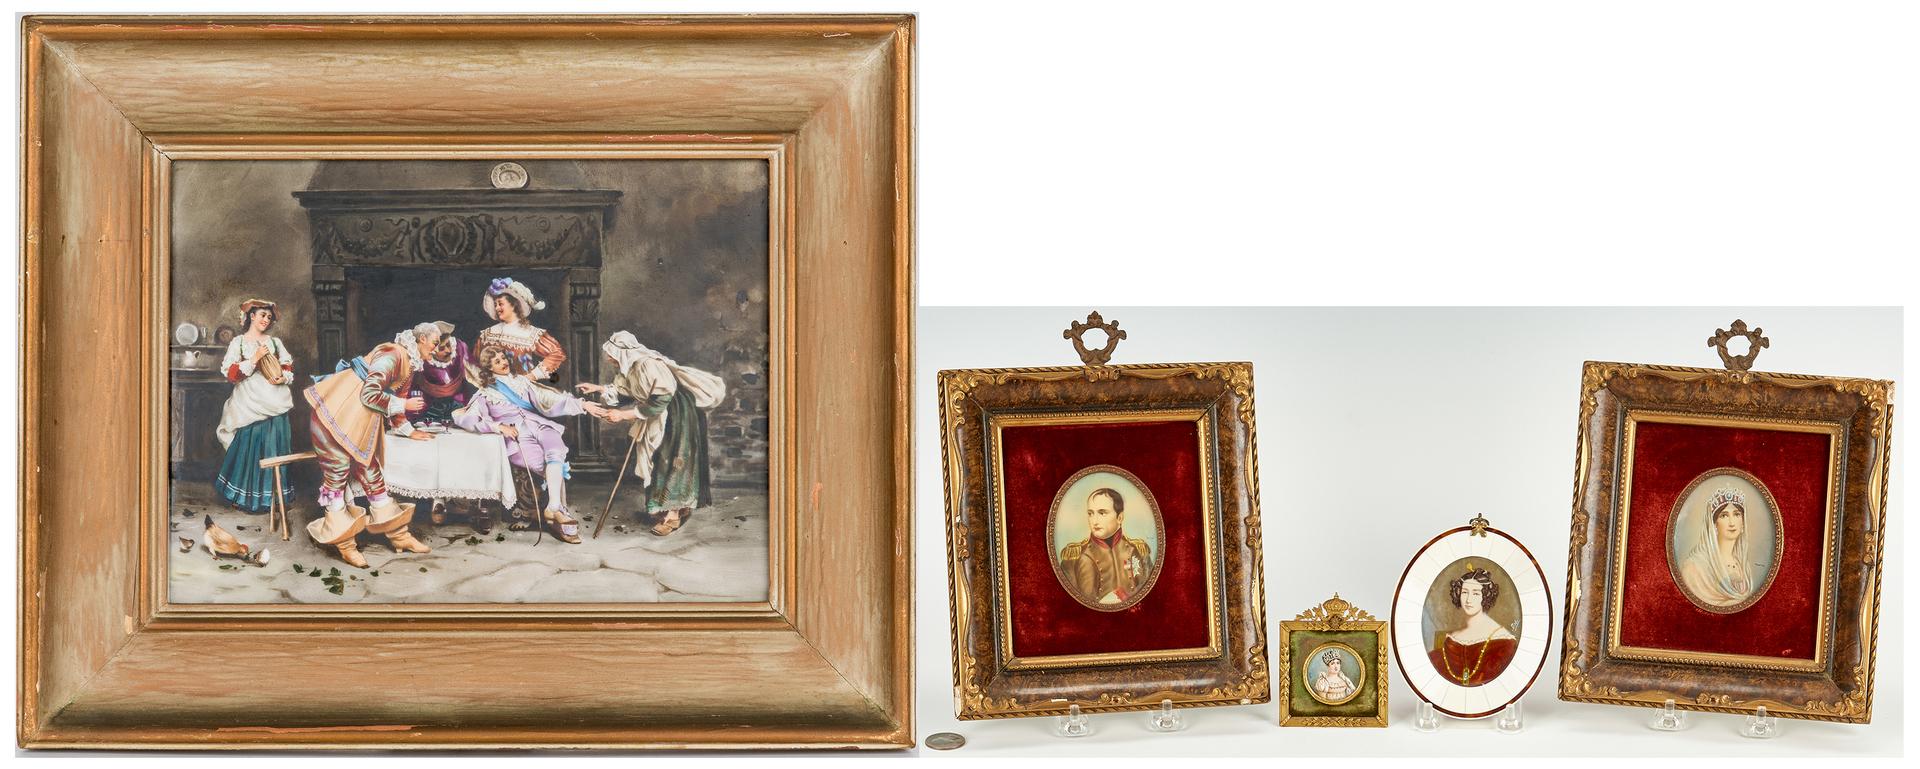 Lot 249: European Porcelain Plaque & 4 Portrait Miniature